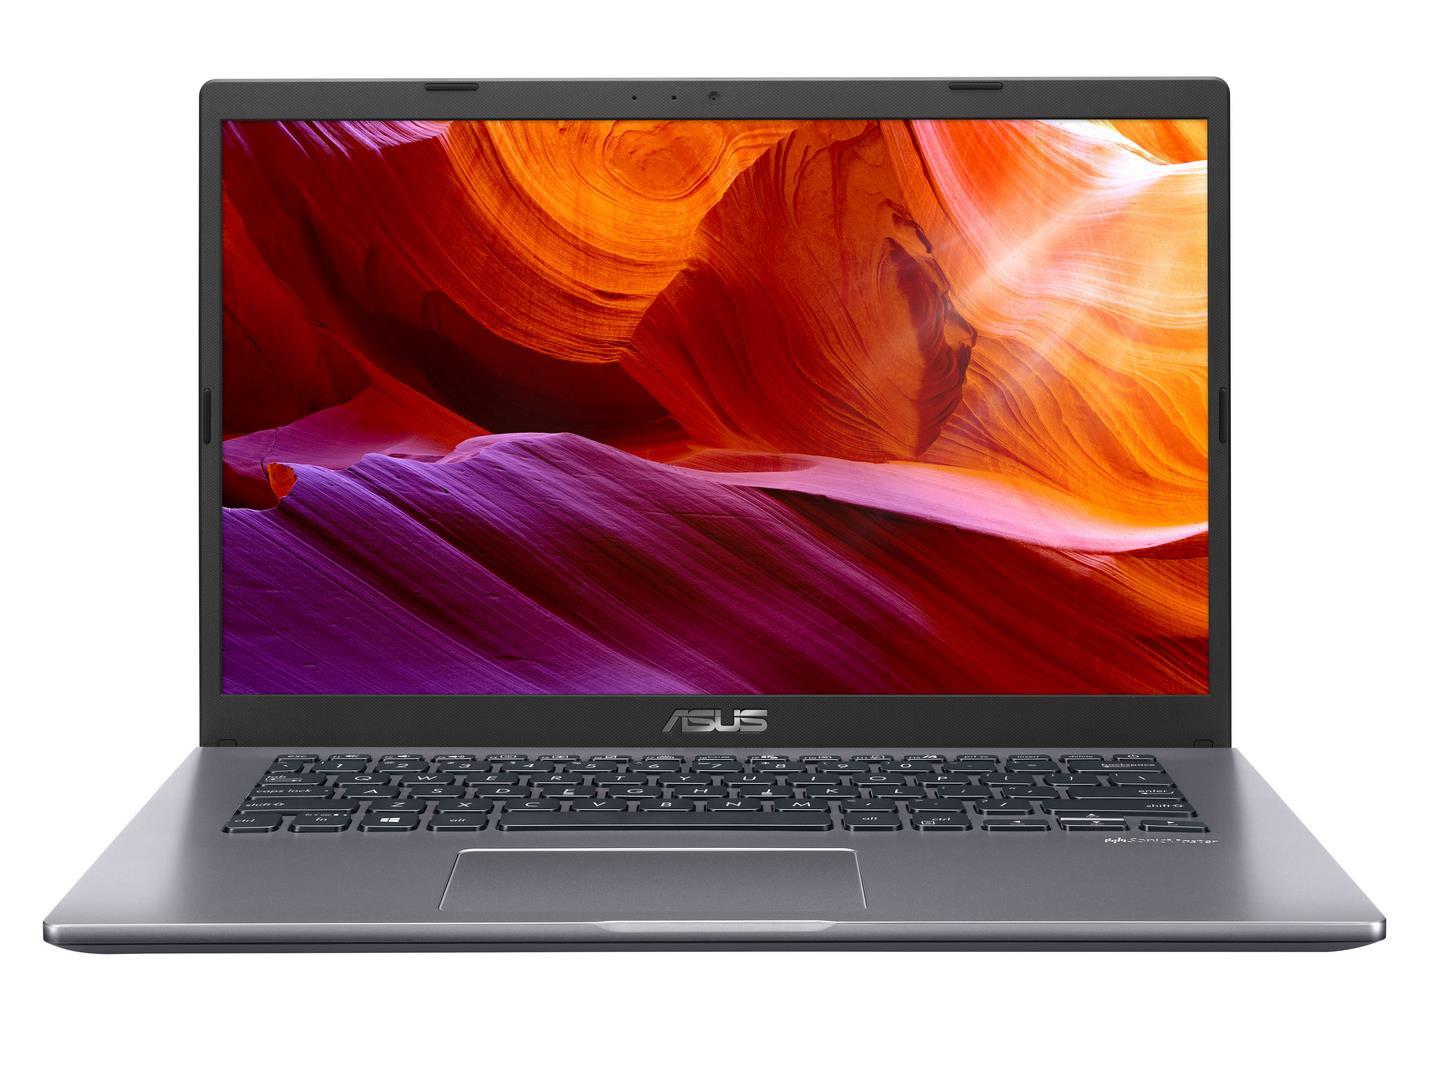 ASUS Laptop X409FA - 14''/i3-10110U /4GB/512GB SSD/W10 Home (Star Grey/Plastic) - X409FA-BV668T